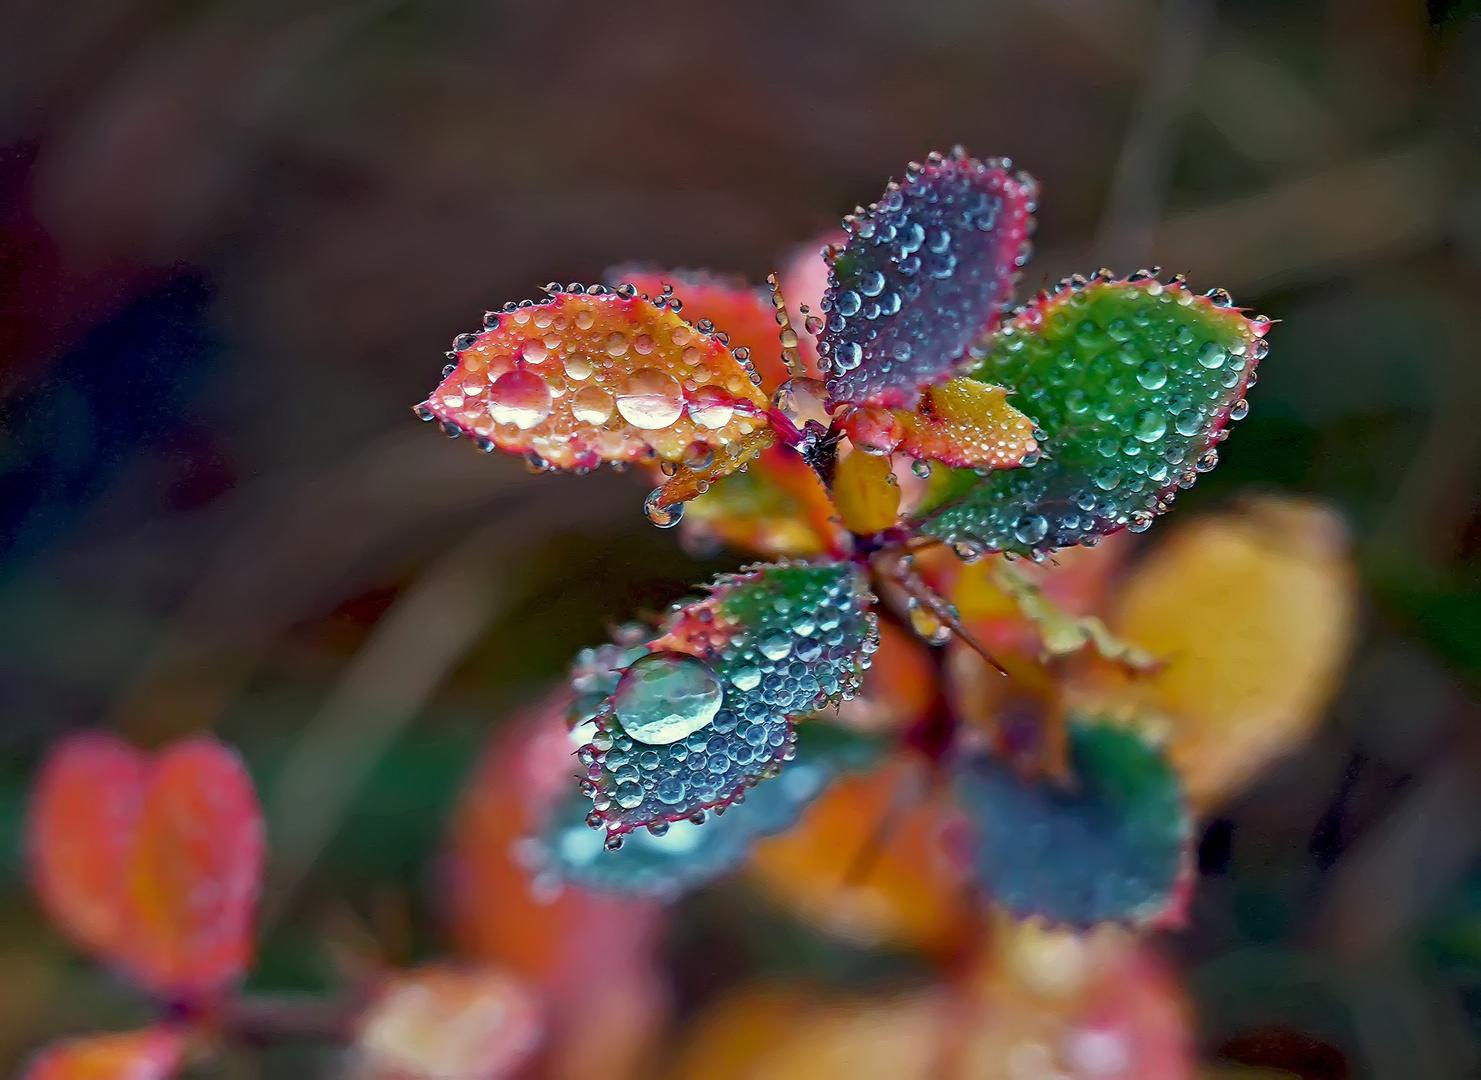 Dem Zauber der Natur sind keine Grenzen gesetzt! - Les merveilles de la nature n'ont pas de limite!